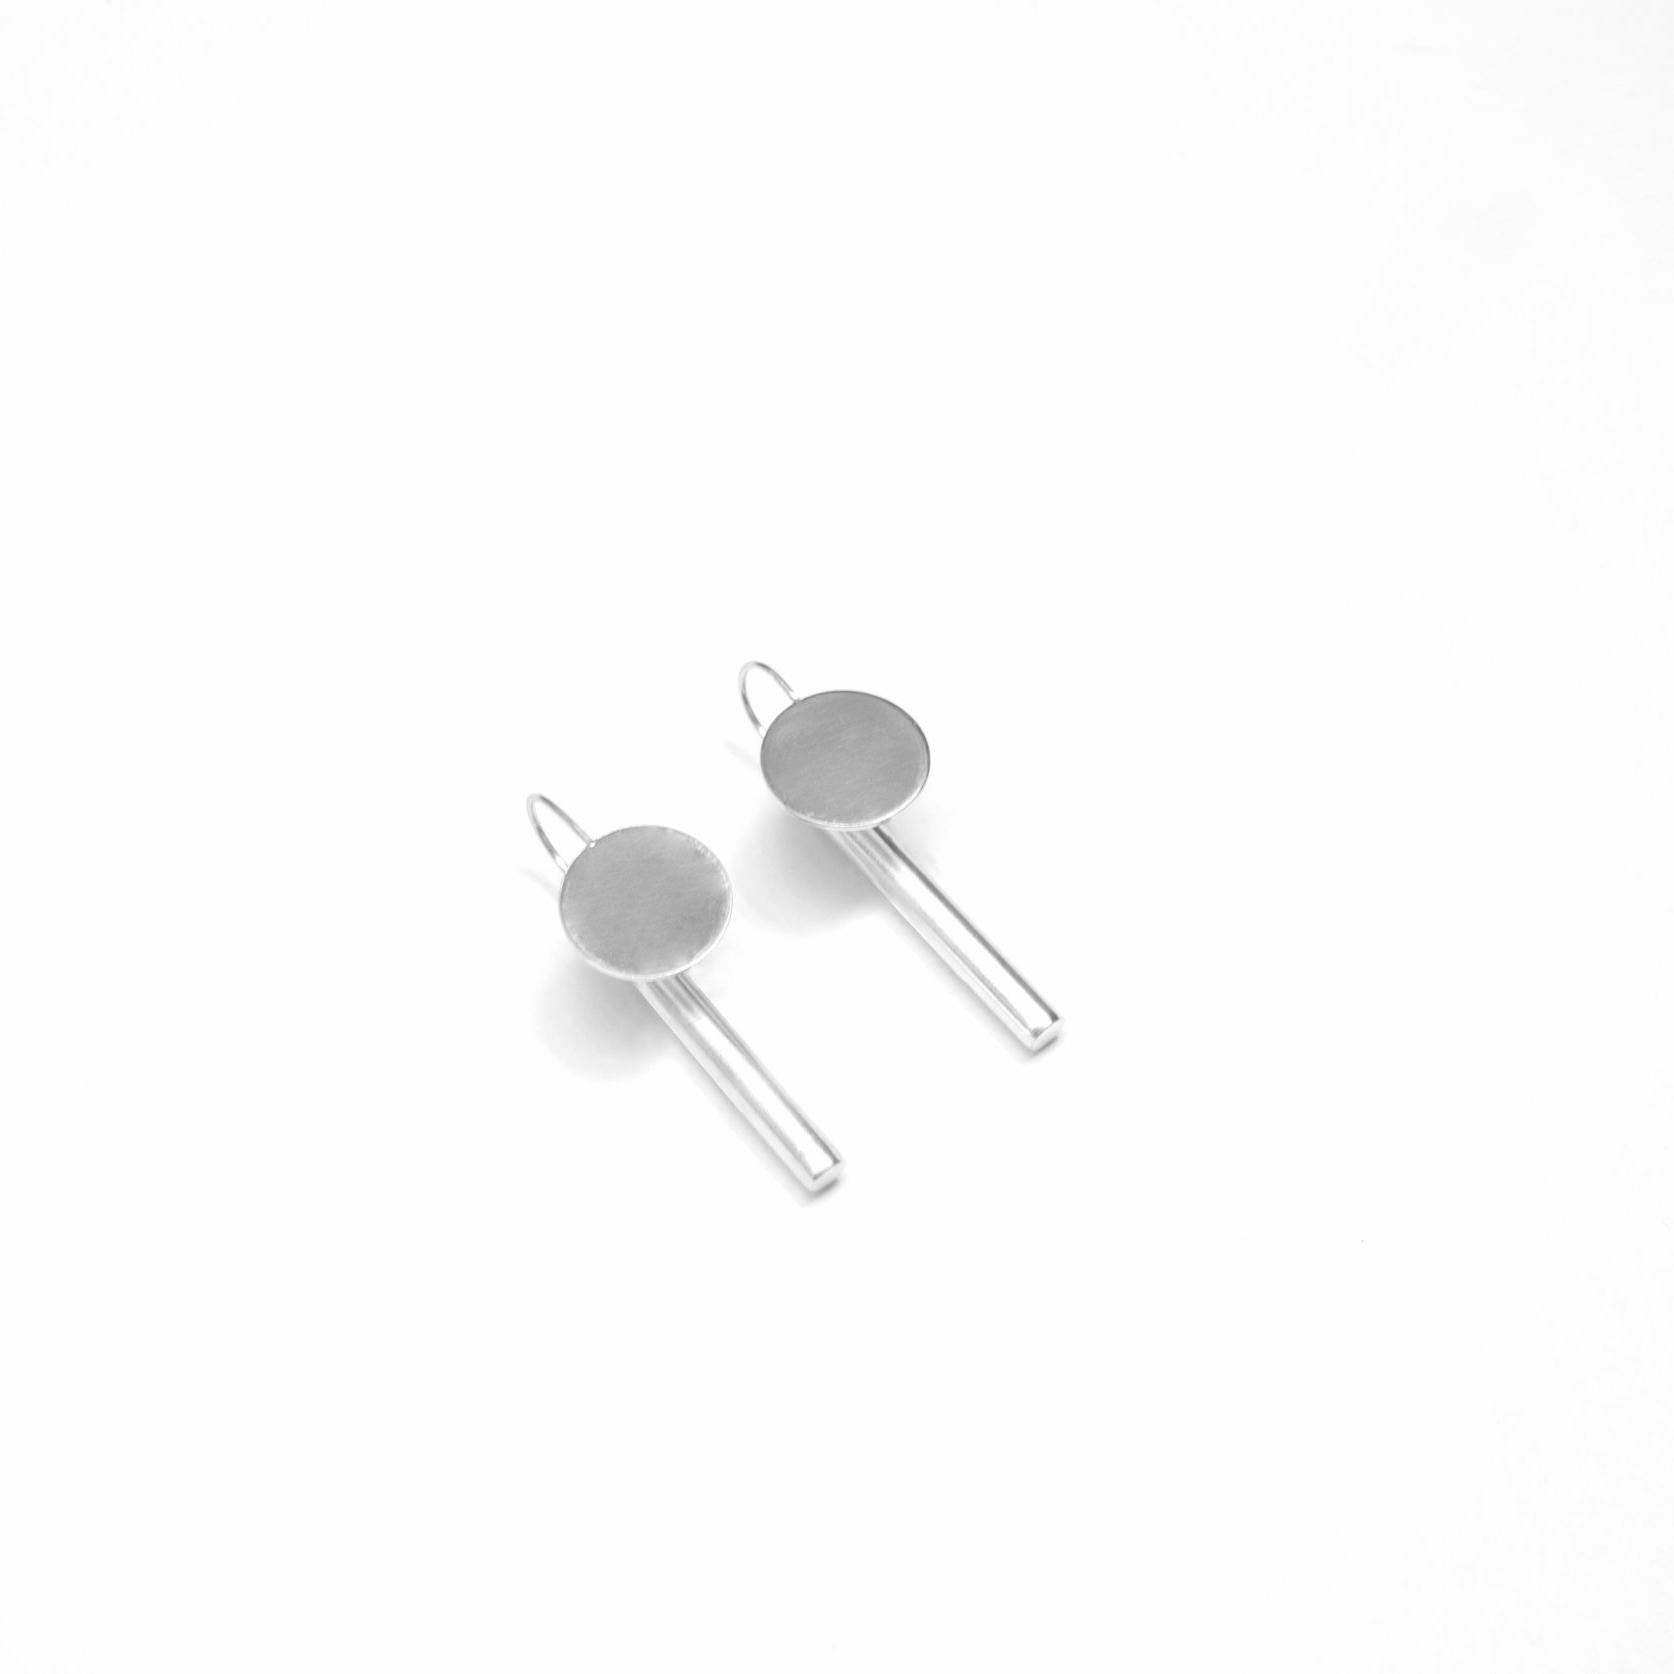 DROP EARRINGS - DISC